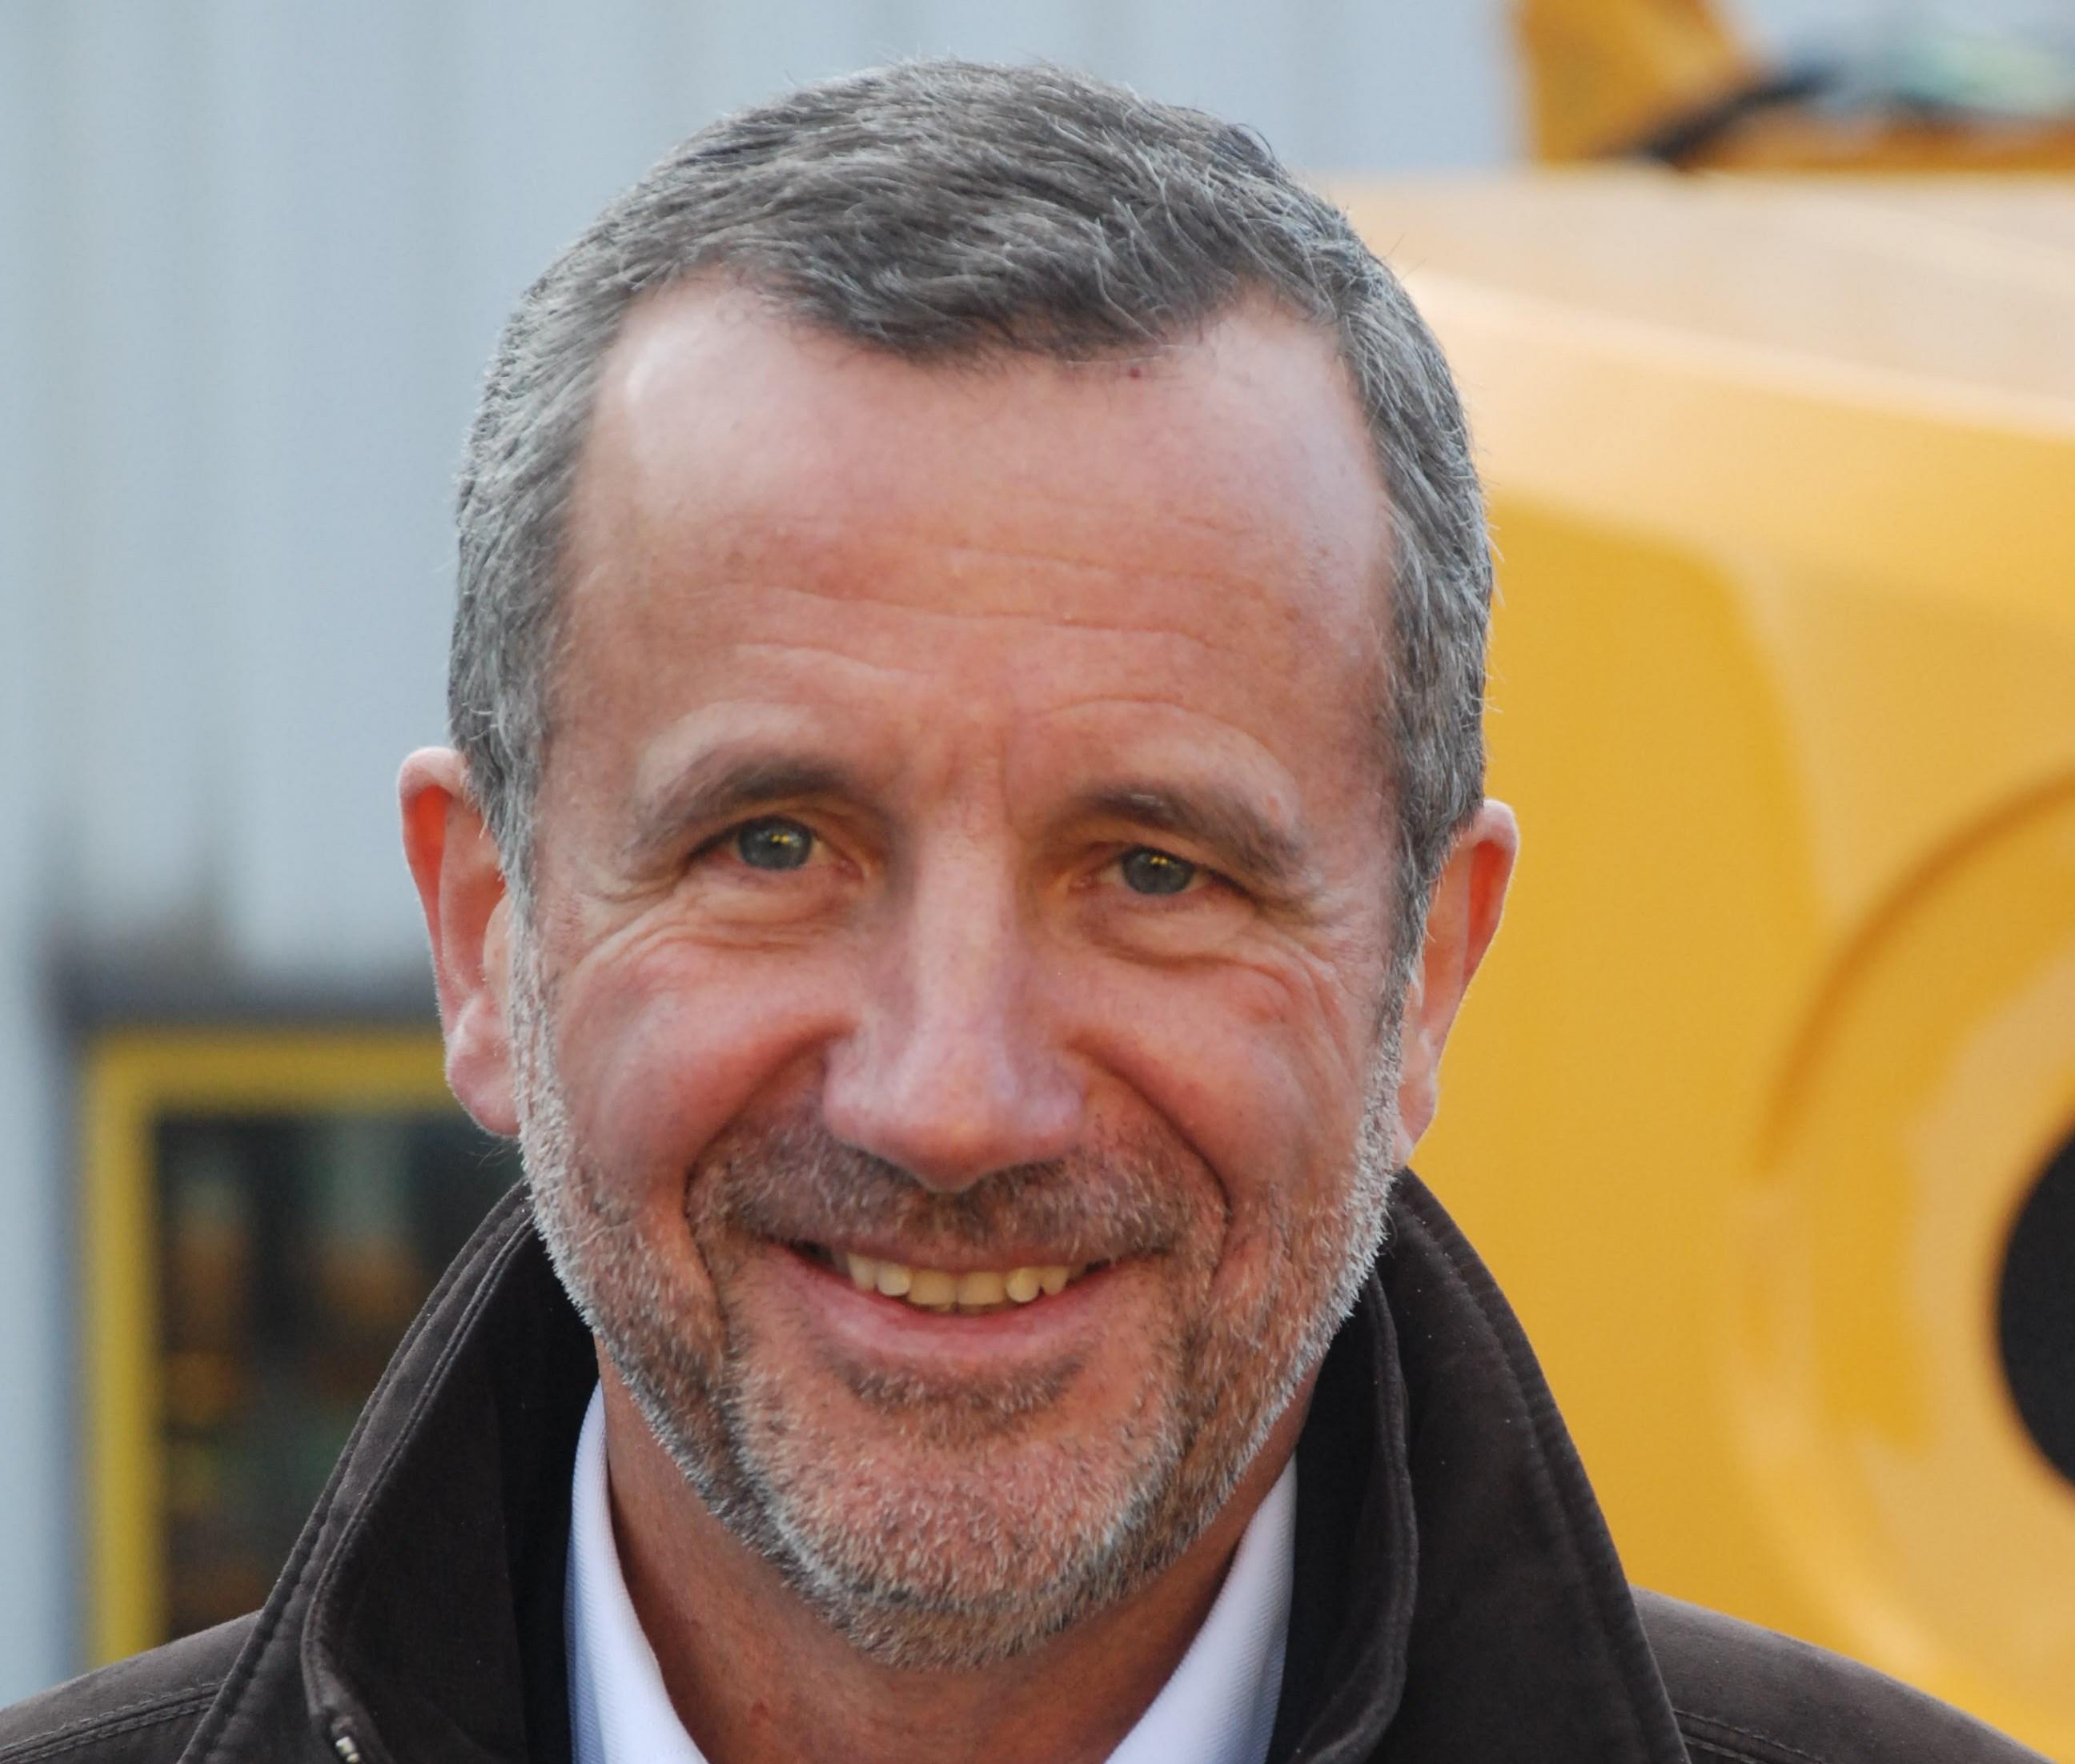 Xavier du Boÿs, président-directeur général : « Malgré la conjoncture, nous menons une stratégie de croissance volontariste, interne et externe, à l'étranger comme en France ». Photo Michel Roche